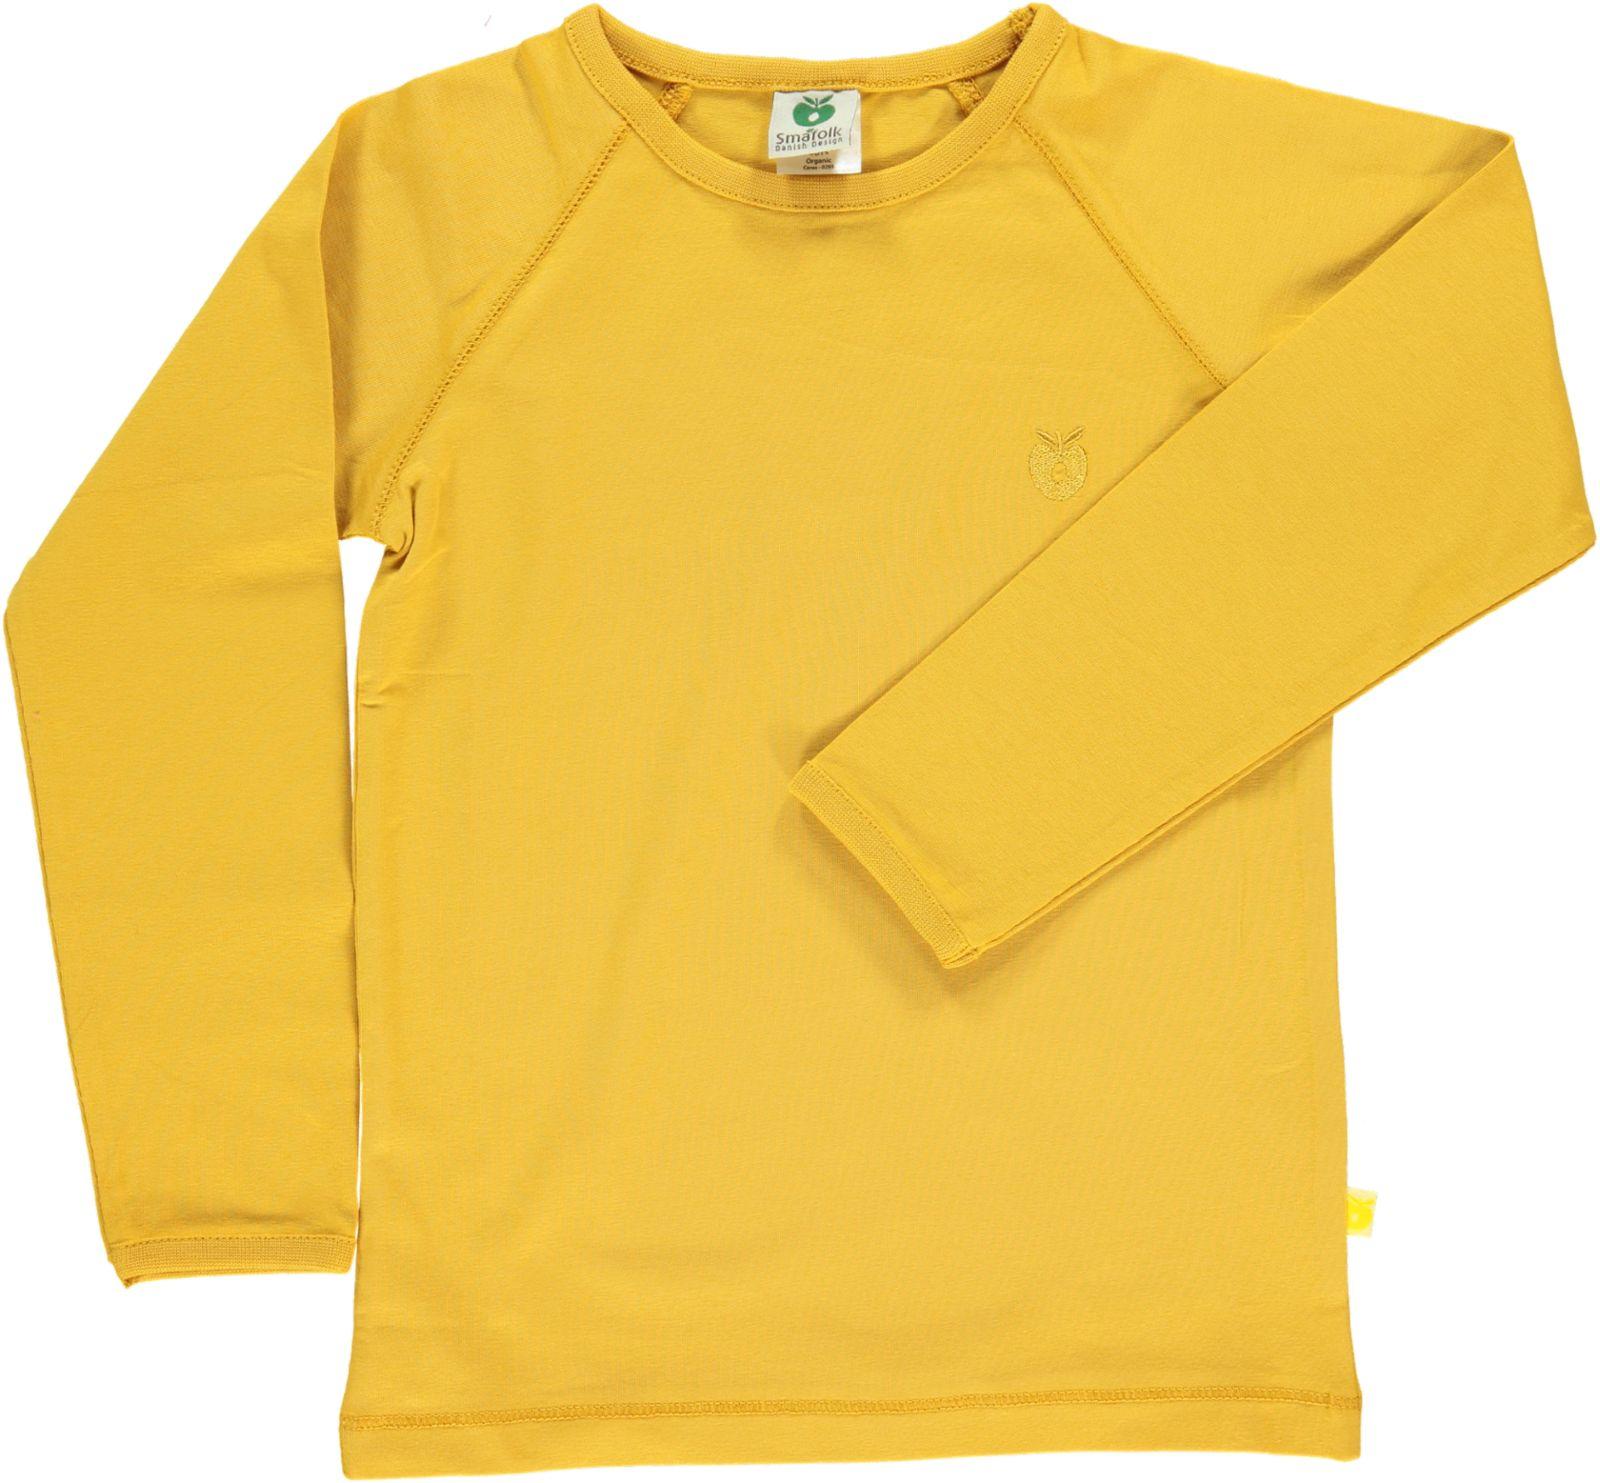 Småfolk - Organic Basic Longsleved T-Shirt - Ochre